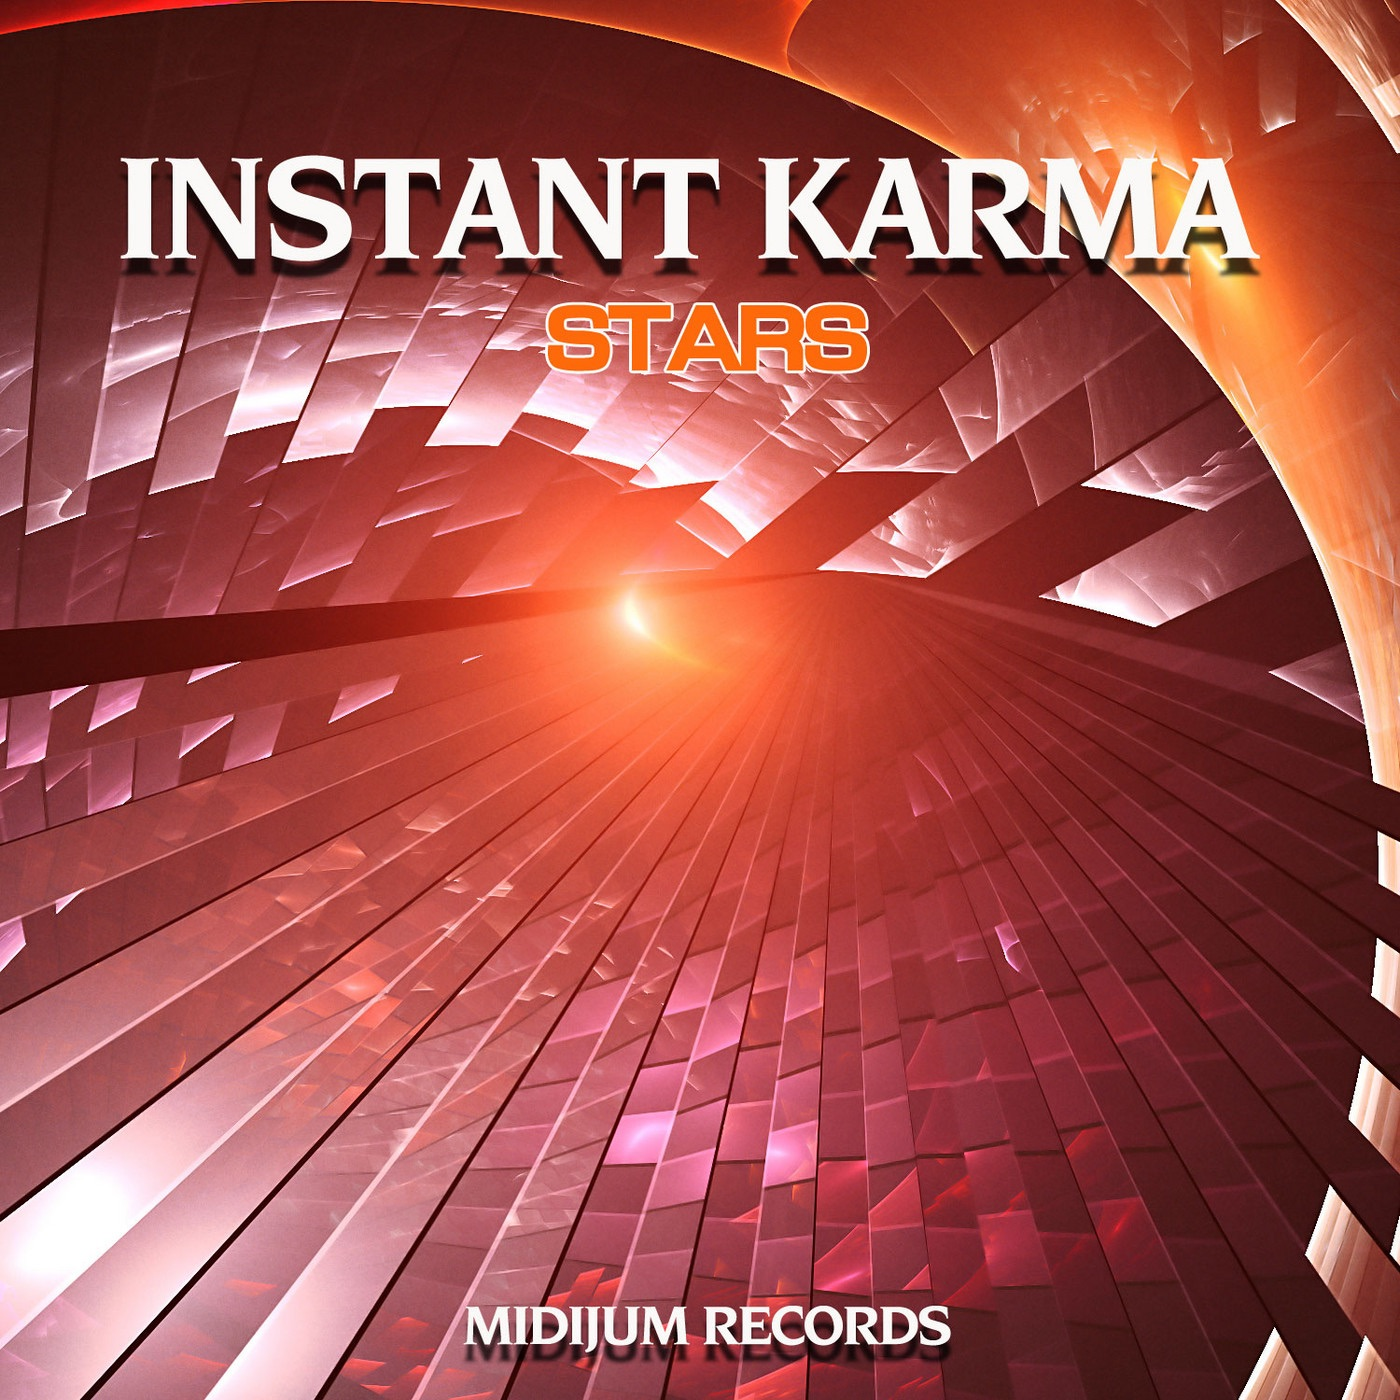 Instant Karma - Single